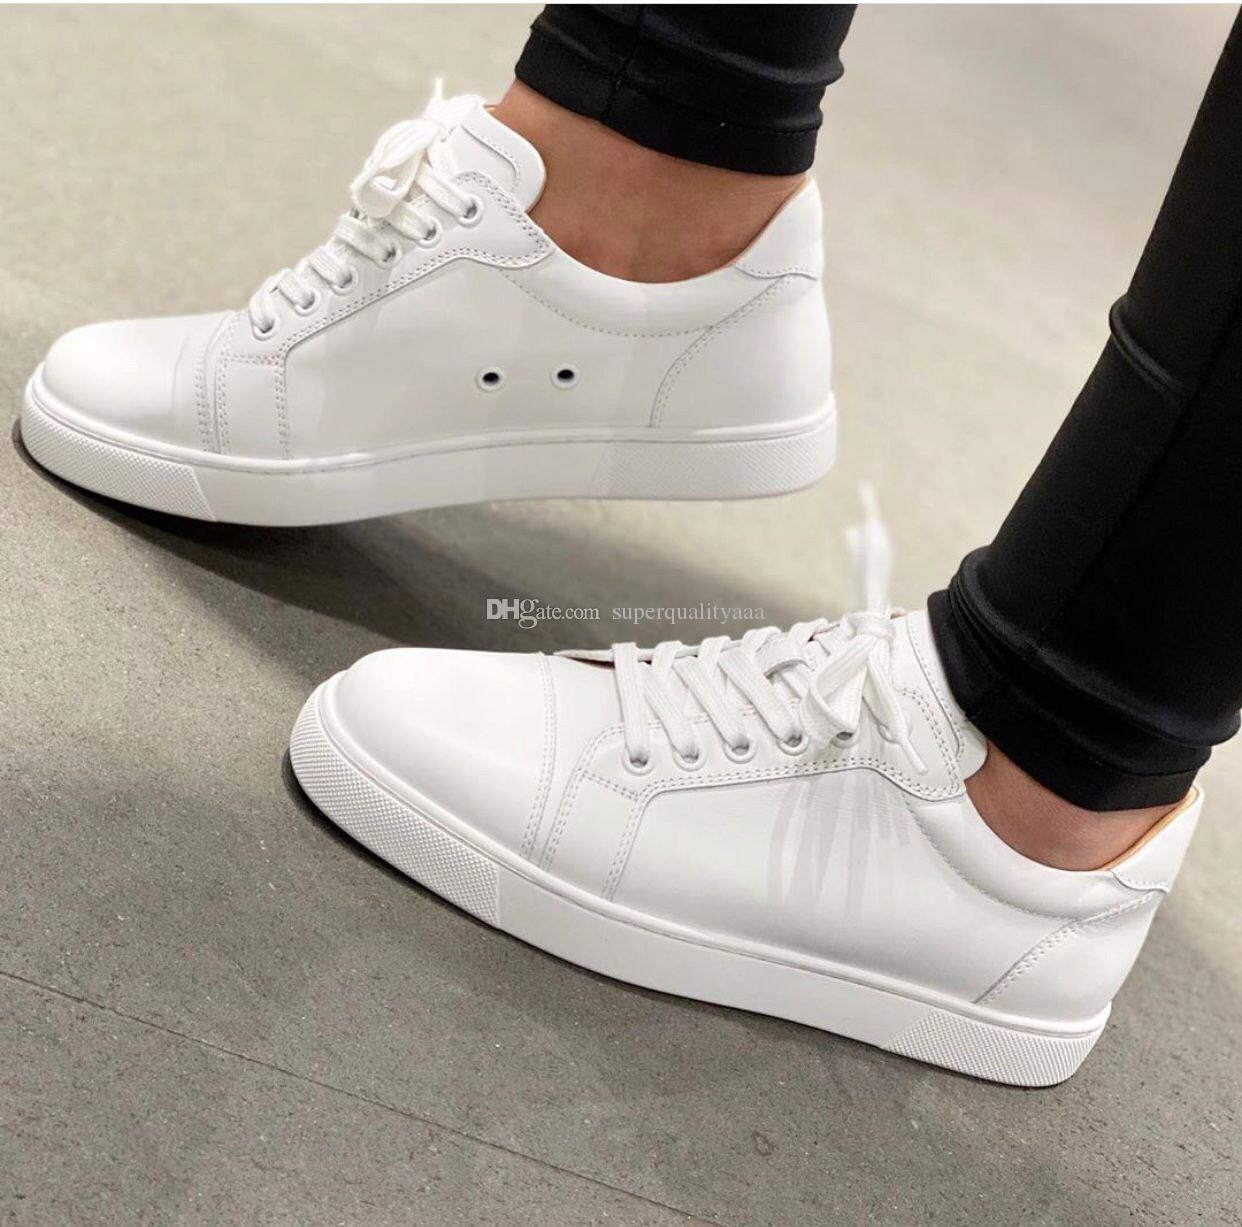 Toptan - Beyaz, Siyah Dolaşık Deri Vieira Rahat Düz Yuvarlak Toe Erkekler Kırmızı Alt Sneakers Ayakkabı Parti Düğün Moda Açık Eğitmenler